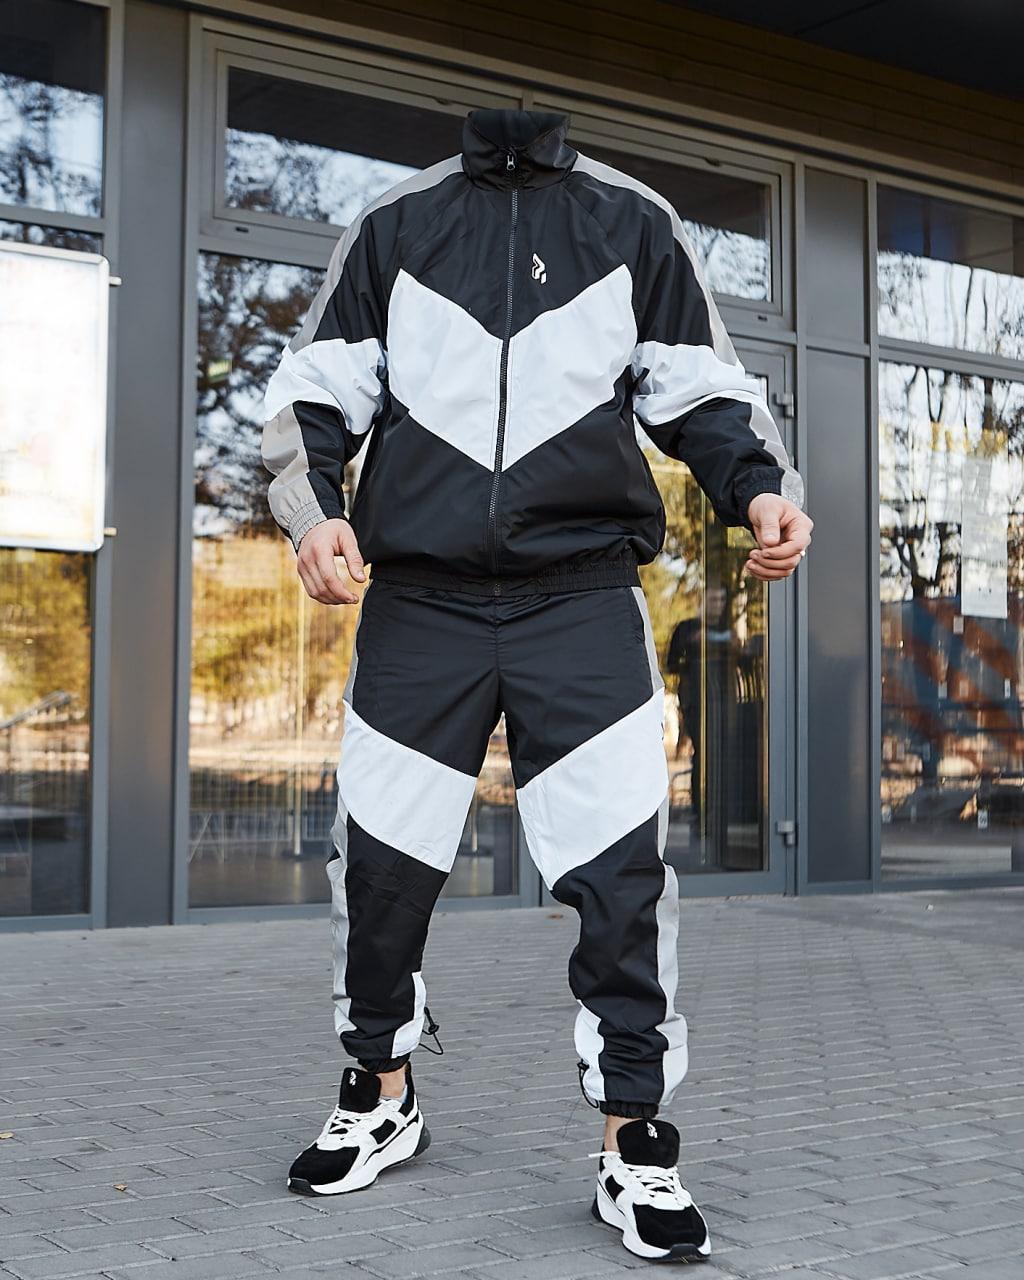 Split Мужской спортивный костюм на микрофлисе с рефлективом черный белый еврозима. Ветровака+штаны